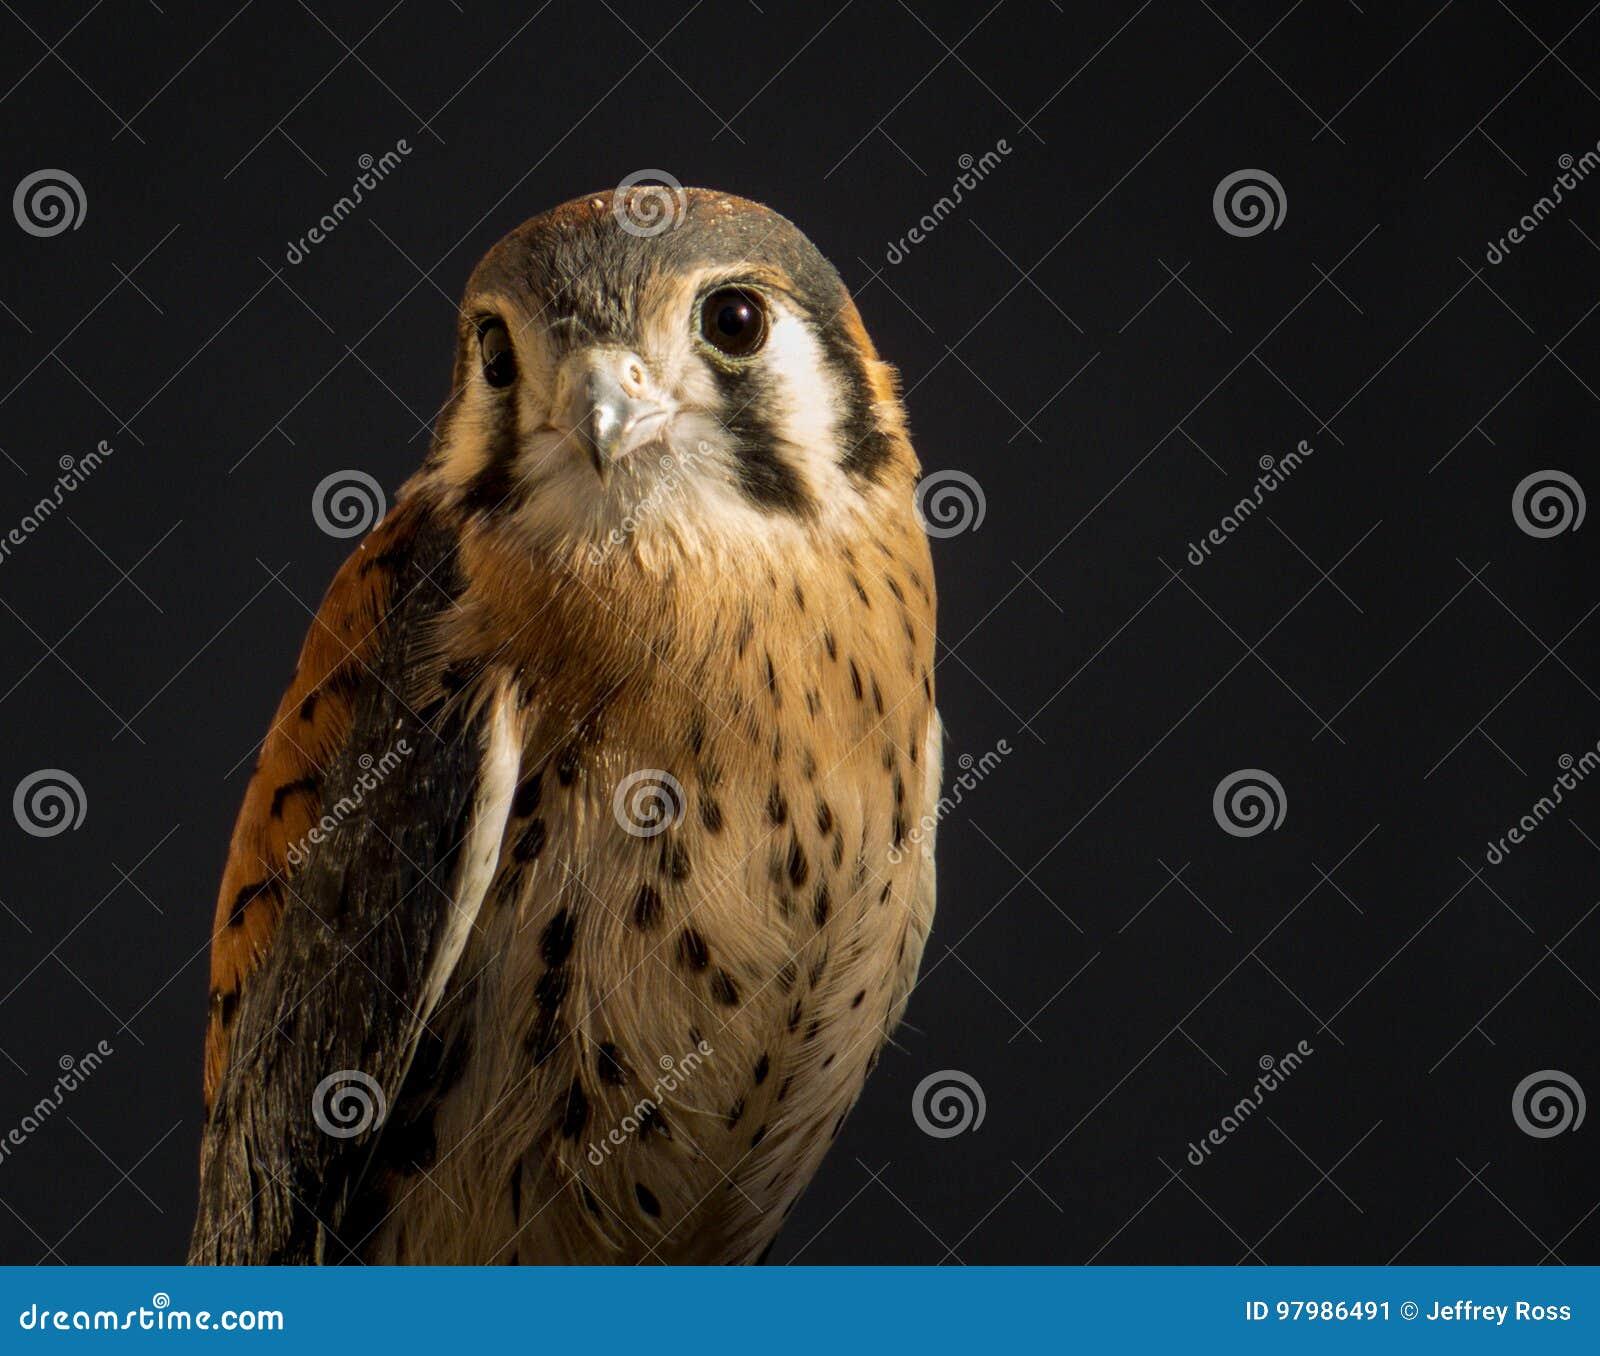 Κατεβάστε αυτή την δωρεάν εικόνα σχετικά με Cockatiel Πουλί Οικιακά Πτηνά από την τεράστια βιβλιοθήκη ελεύθερων πνευματικών δικαιωμάτων εικόνων και.